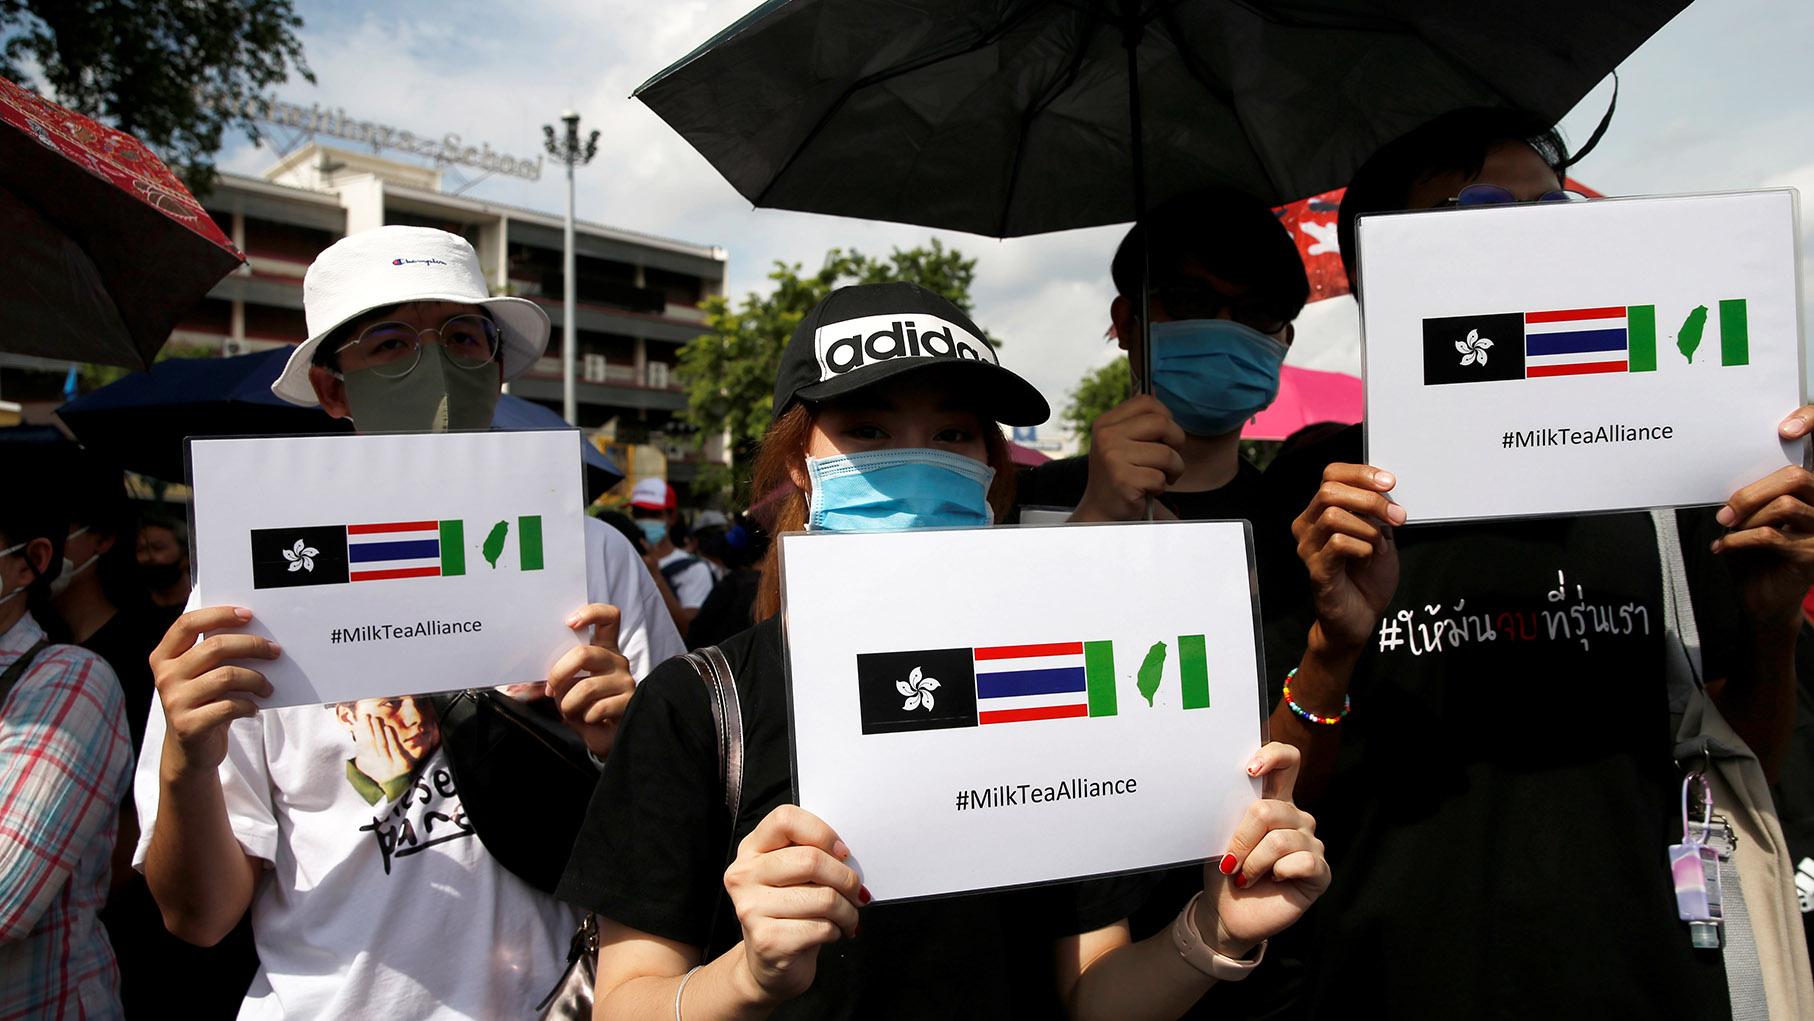 """泰国日前爆发近6年来最大规模示威抗议,呼吁解散国会和修宪,不少香港和台湾人士也以行动力挺,2020年8月16日的抗议现场及网路贴文皆有出现""""奶茶联盟""""主题标签。(路透社)"""